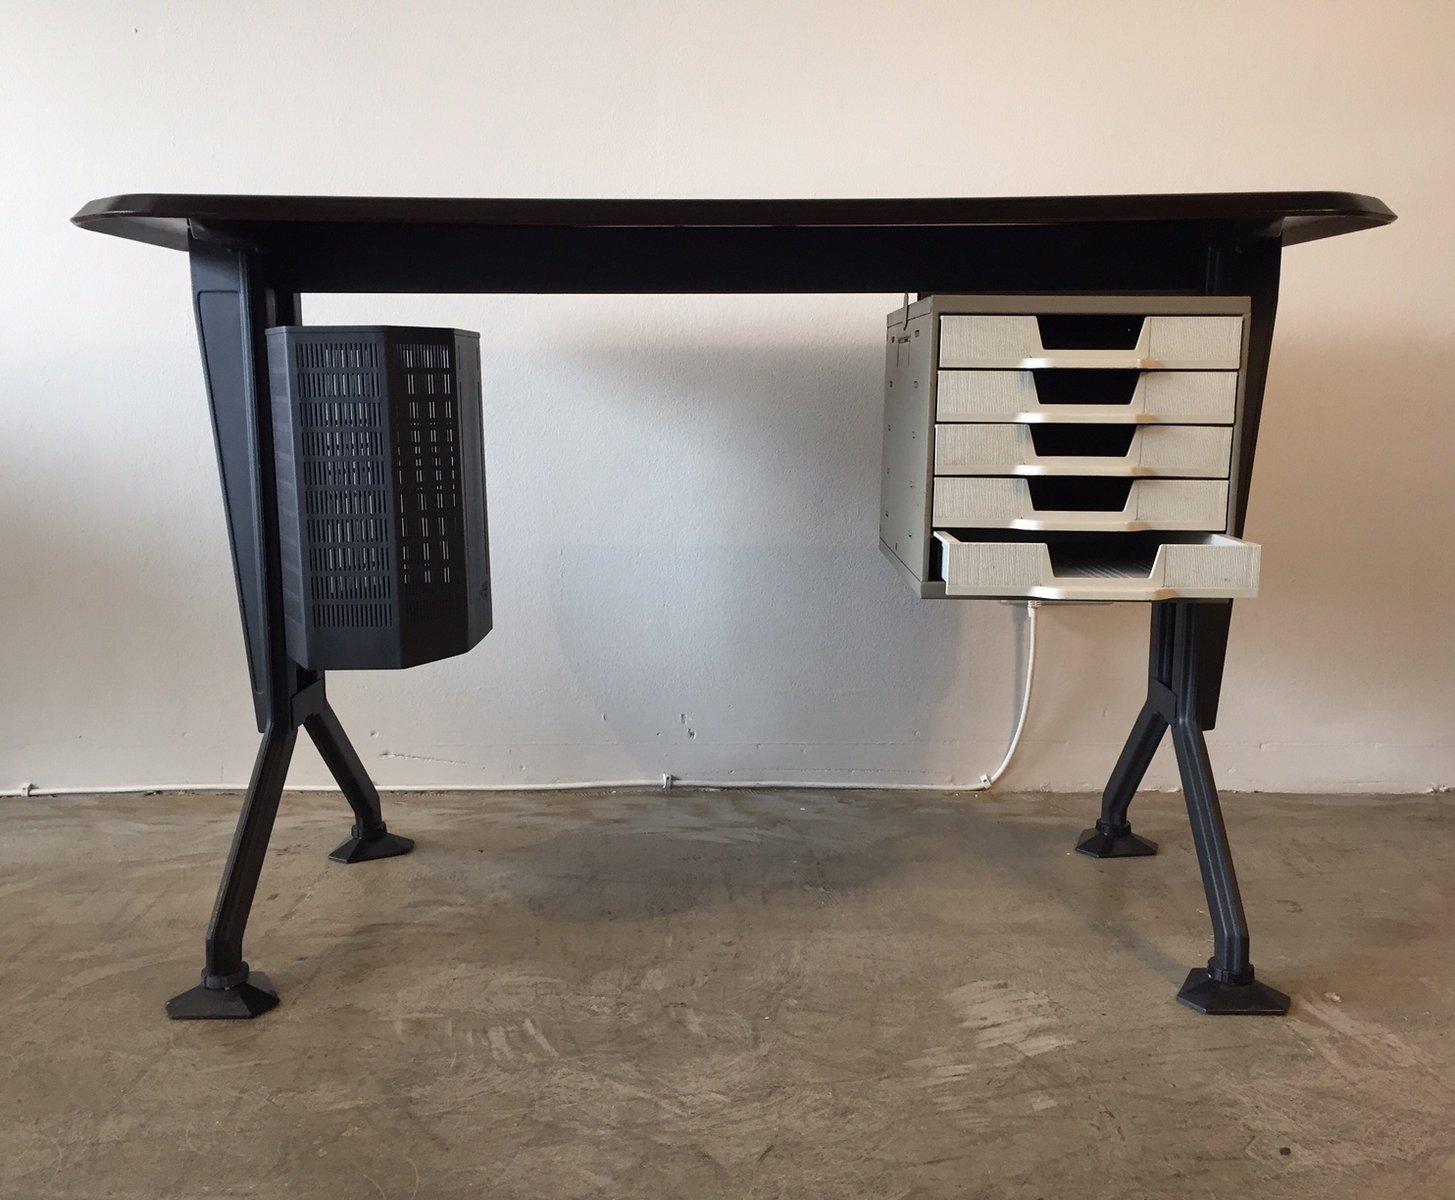 kleiner arco schreibtisch von bbpr f r olivetti 1968 bei pamono kaufen. Black Bedroom Furniture Sets. Home Design Ideas